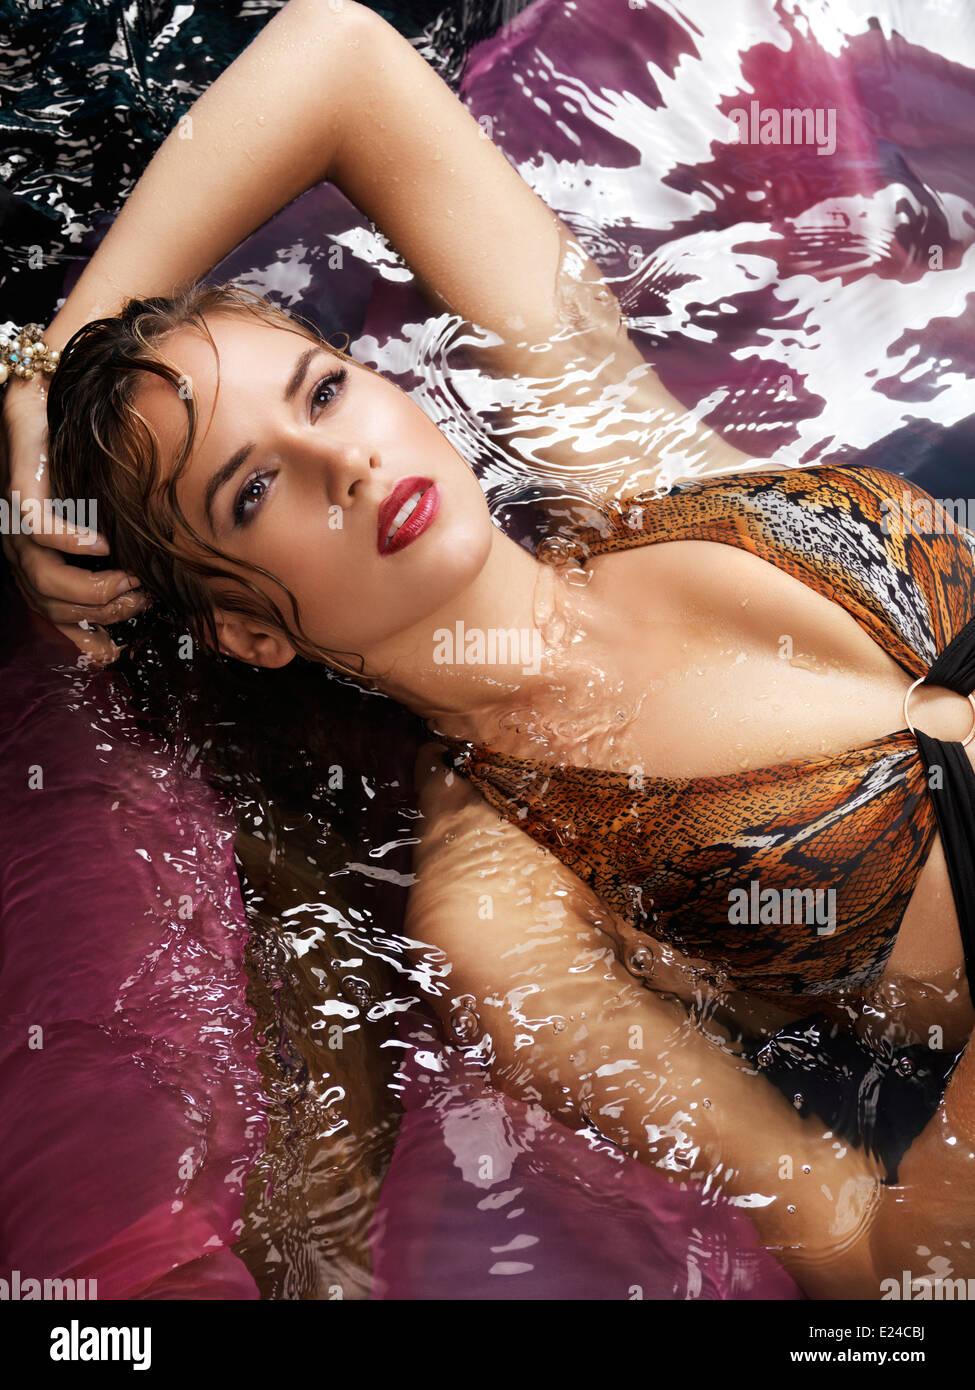 Belleza retrato de una mujer joven en un bañador tumbado en el agua Imagen De Stock